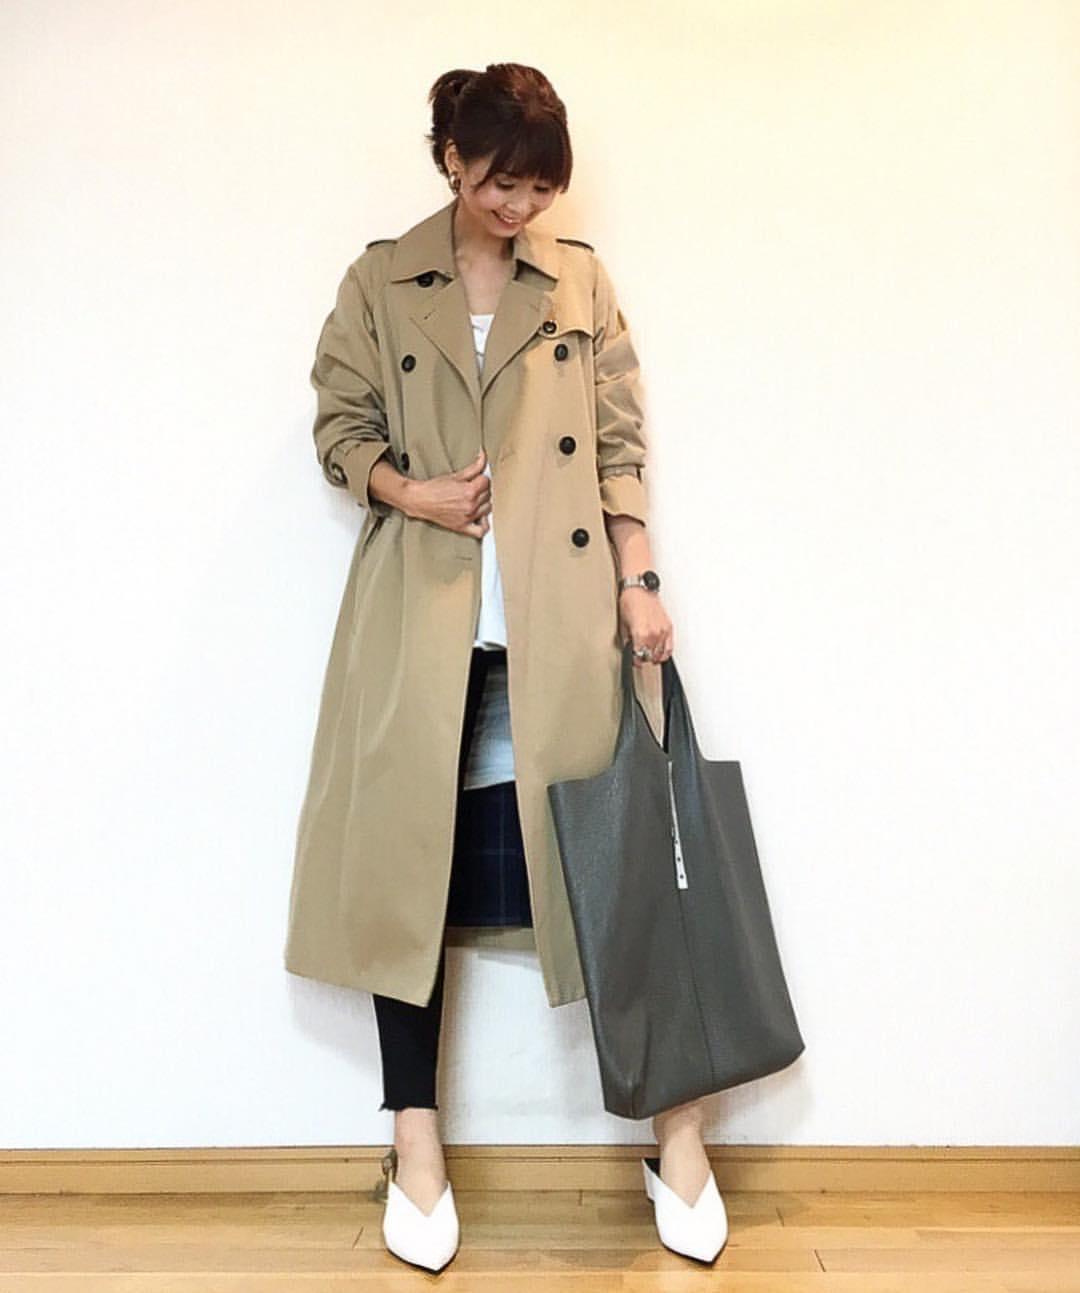 最高気温17度・最低気温8度 acmee.chiyoの服装